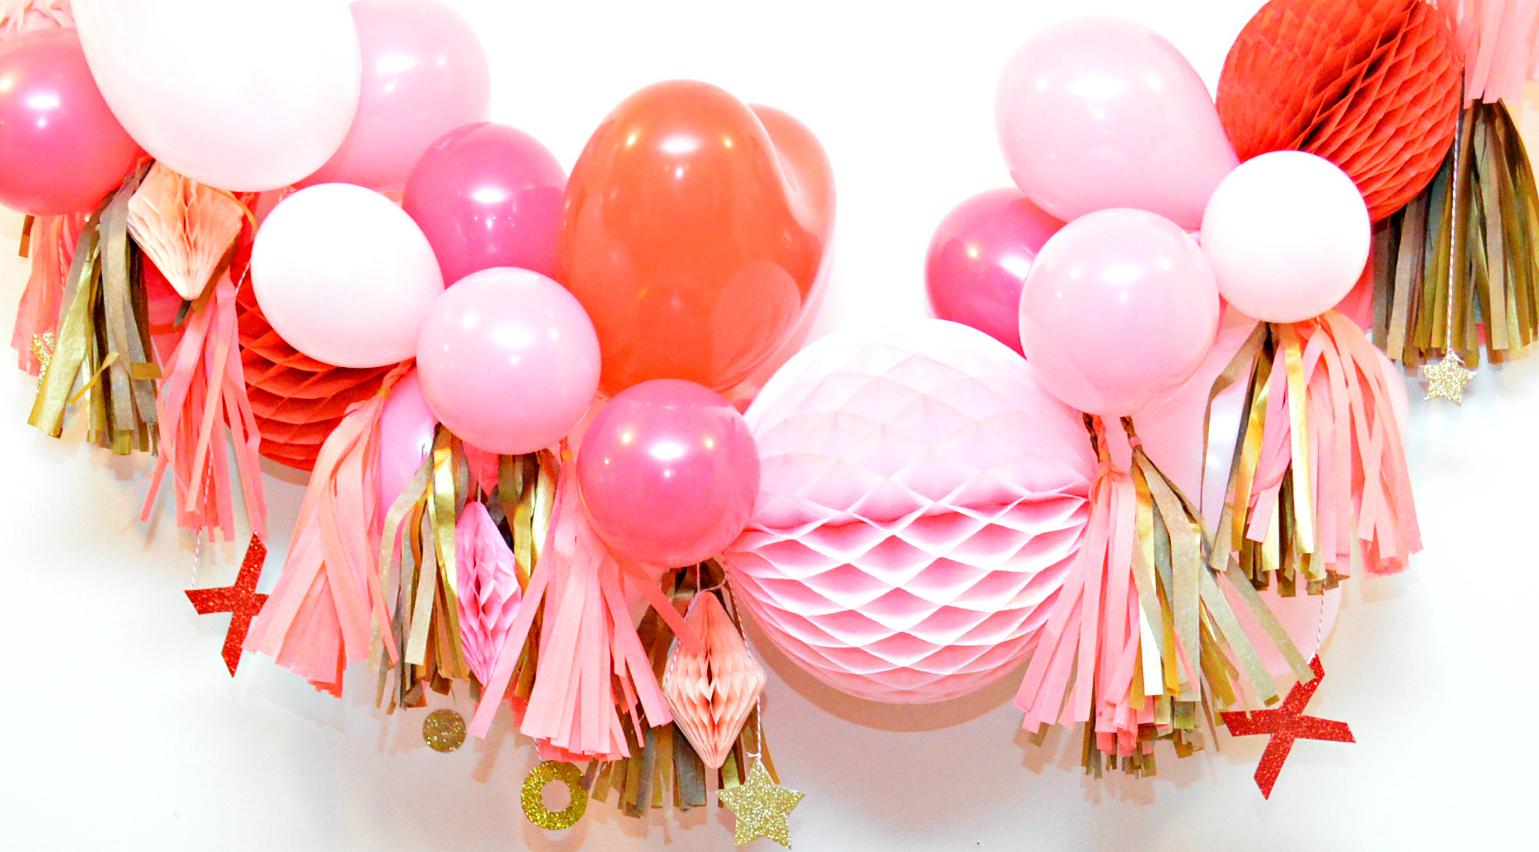 Гирлянда из надувных шаров на праздник